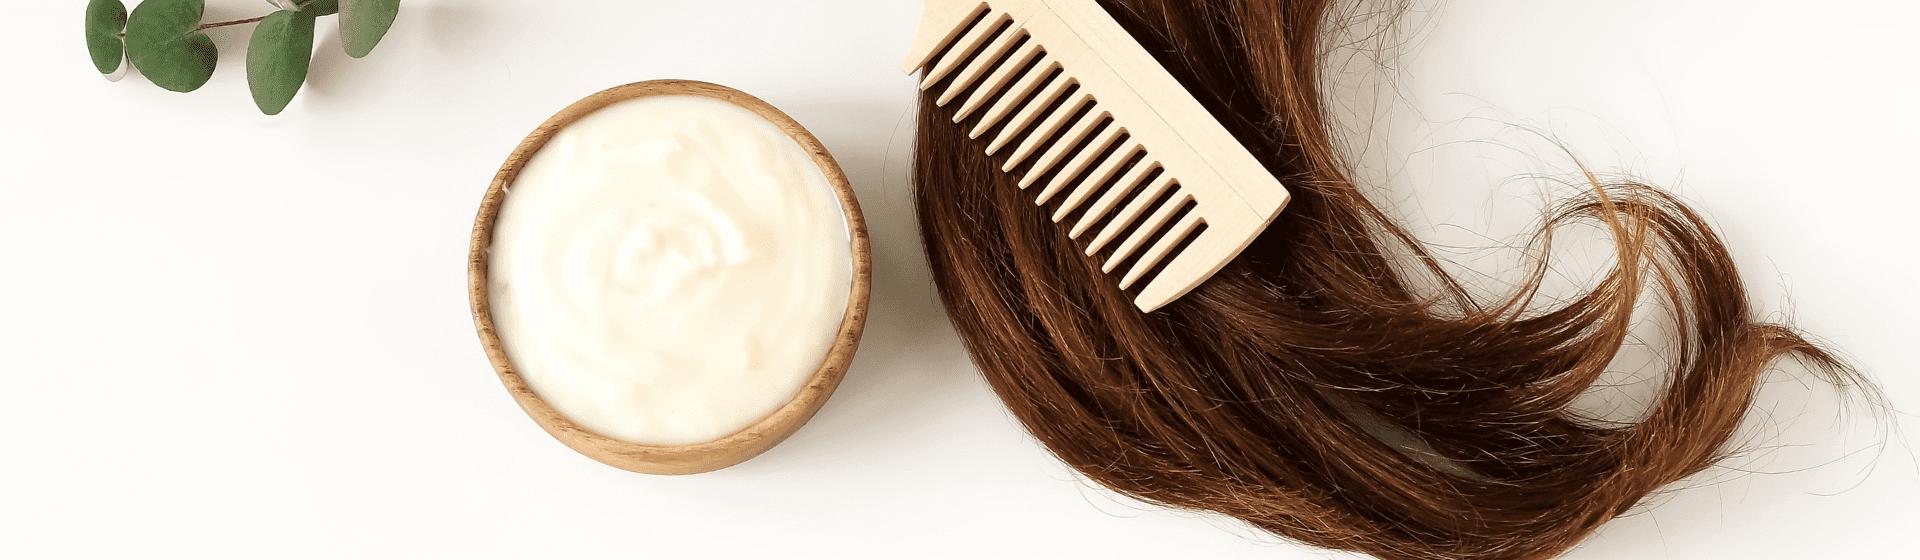 Como hidratar o cabelo? Passo a passo com dicas para ter fios mais saudáveis